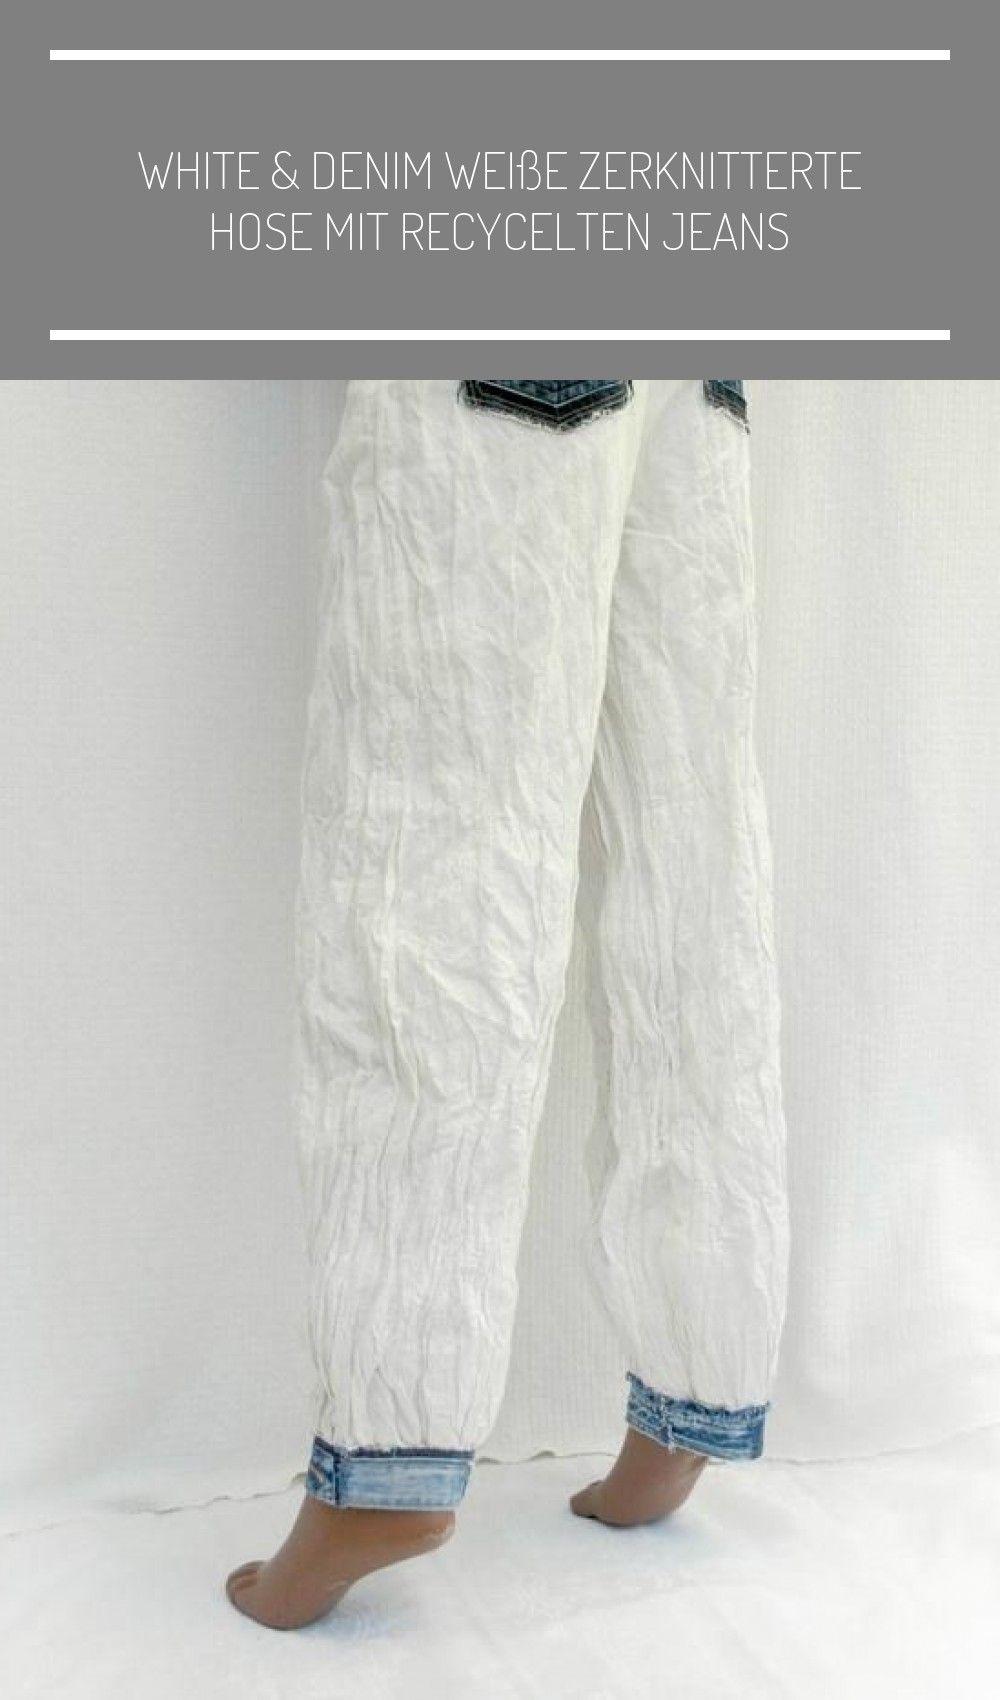 White & Denim Weiße zerknitterte Hose mit recycelten Jeans   Etsy,  #denim #jeans #recycelten #white #zerknitterte #upcycled denim fashion White & Denim Weiße zerknitterte Hose mit recycelten Jeans   Etsy - UPCYCLING IDEEN